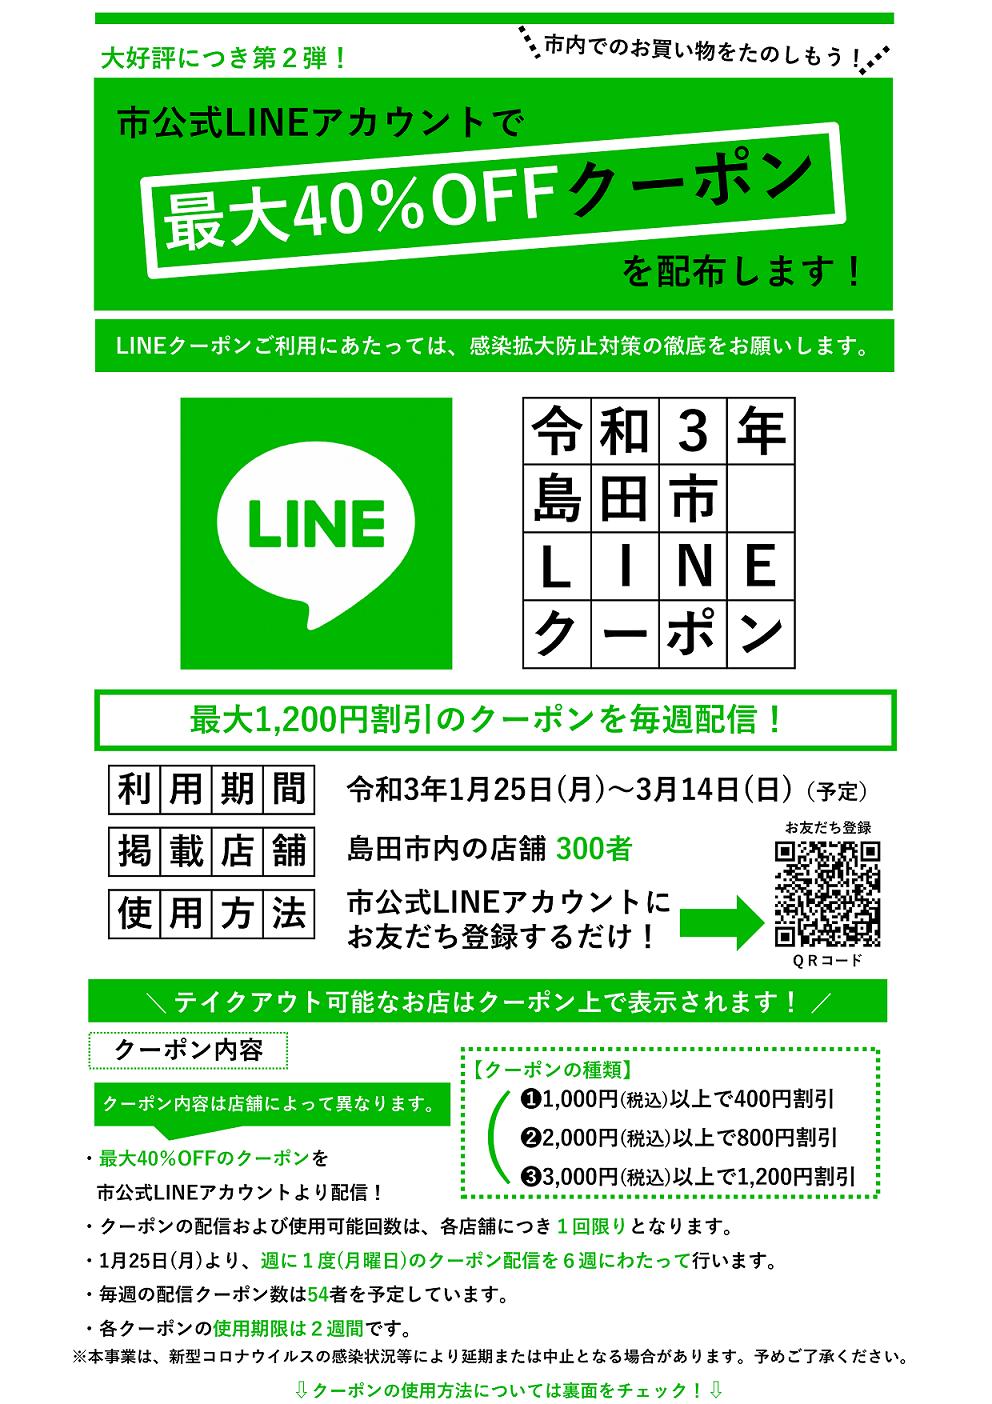 LINEクーポン(第2弾)実施延期